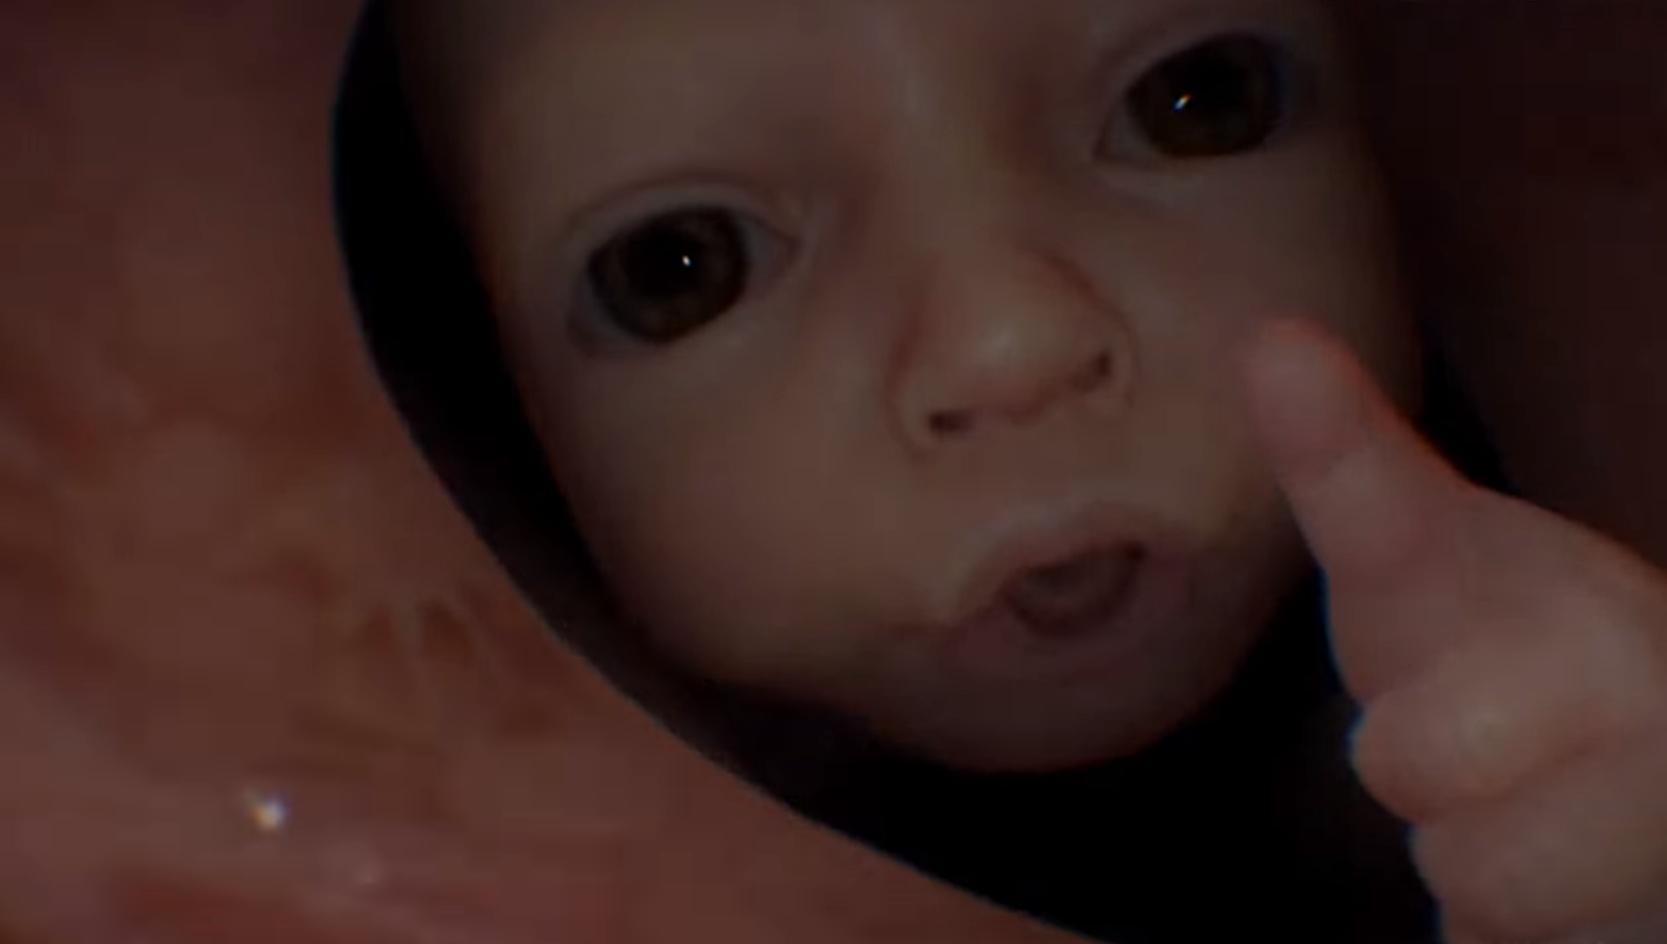 """Résultat de recherche d'images pour """"baby death stranding"""""""